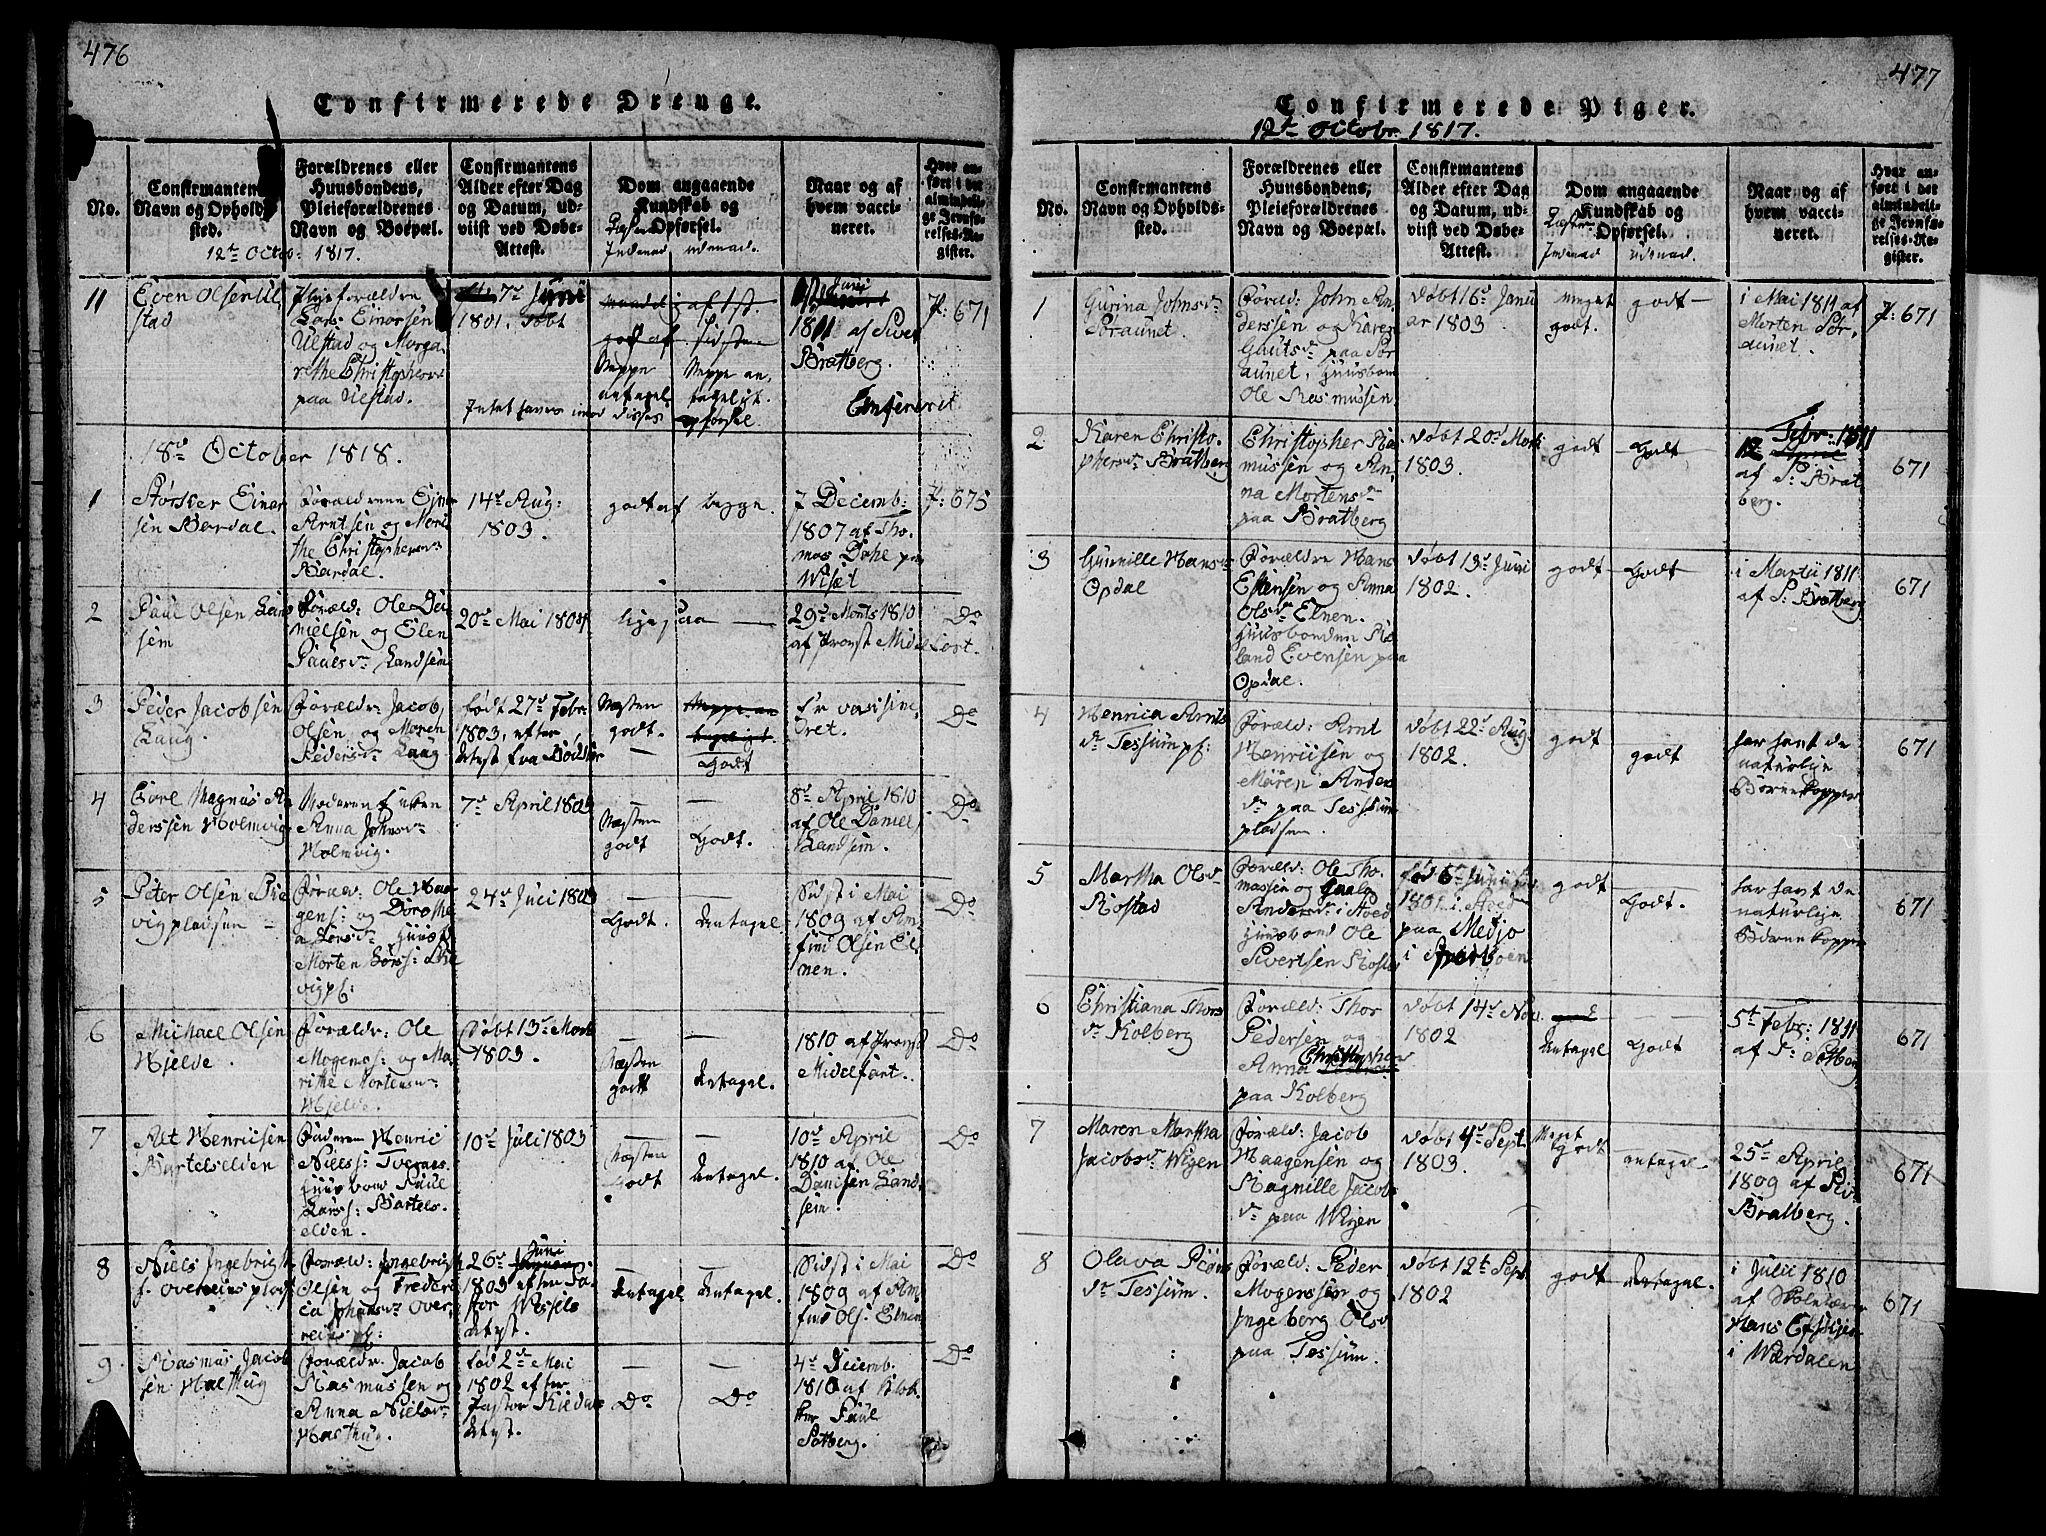 SAT, Ministerialprotokoller, klokkerbøker og fødselsregistre - Nord-Trøndelag, 741/L0400: Klokkerbok nr. 741C01, 1817-1825, s. 476-477